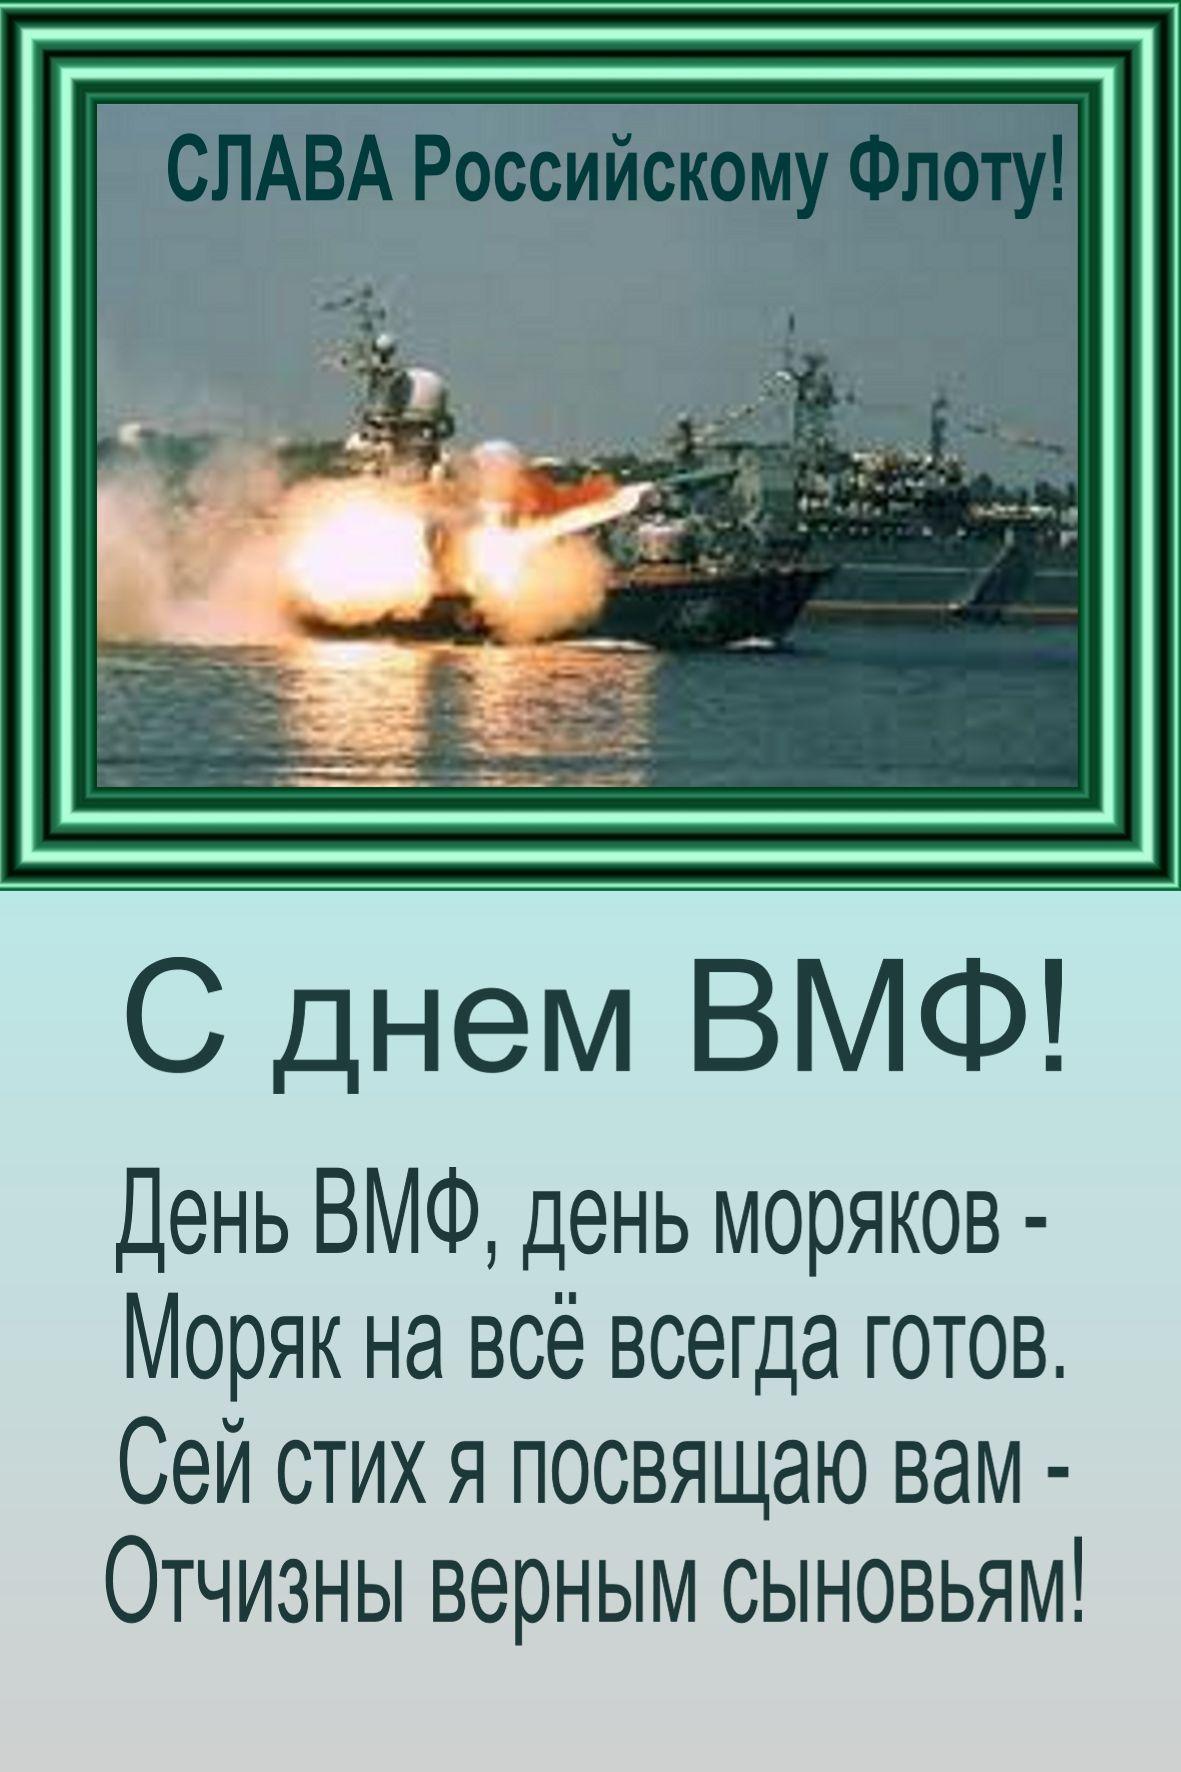 Открытка поздравляю с днем ВМФ!